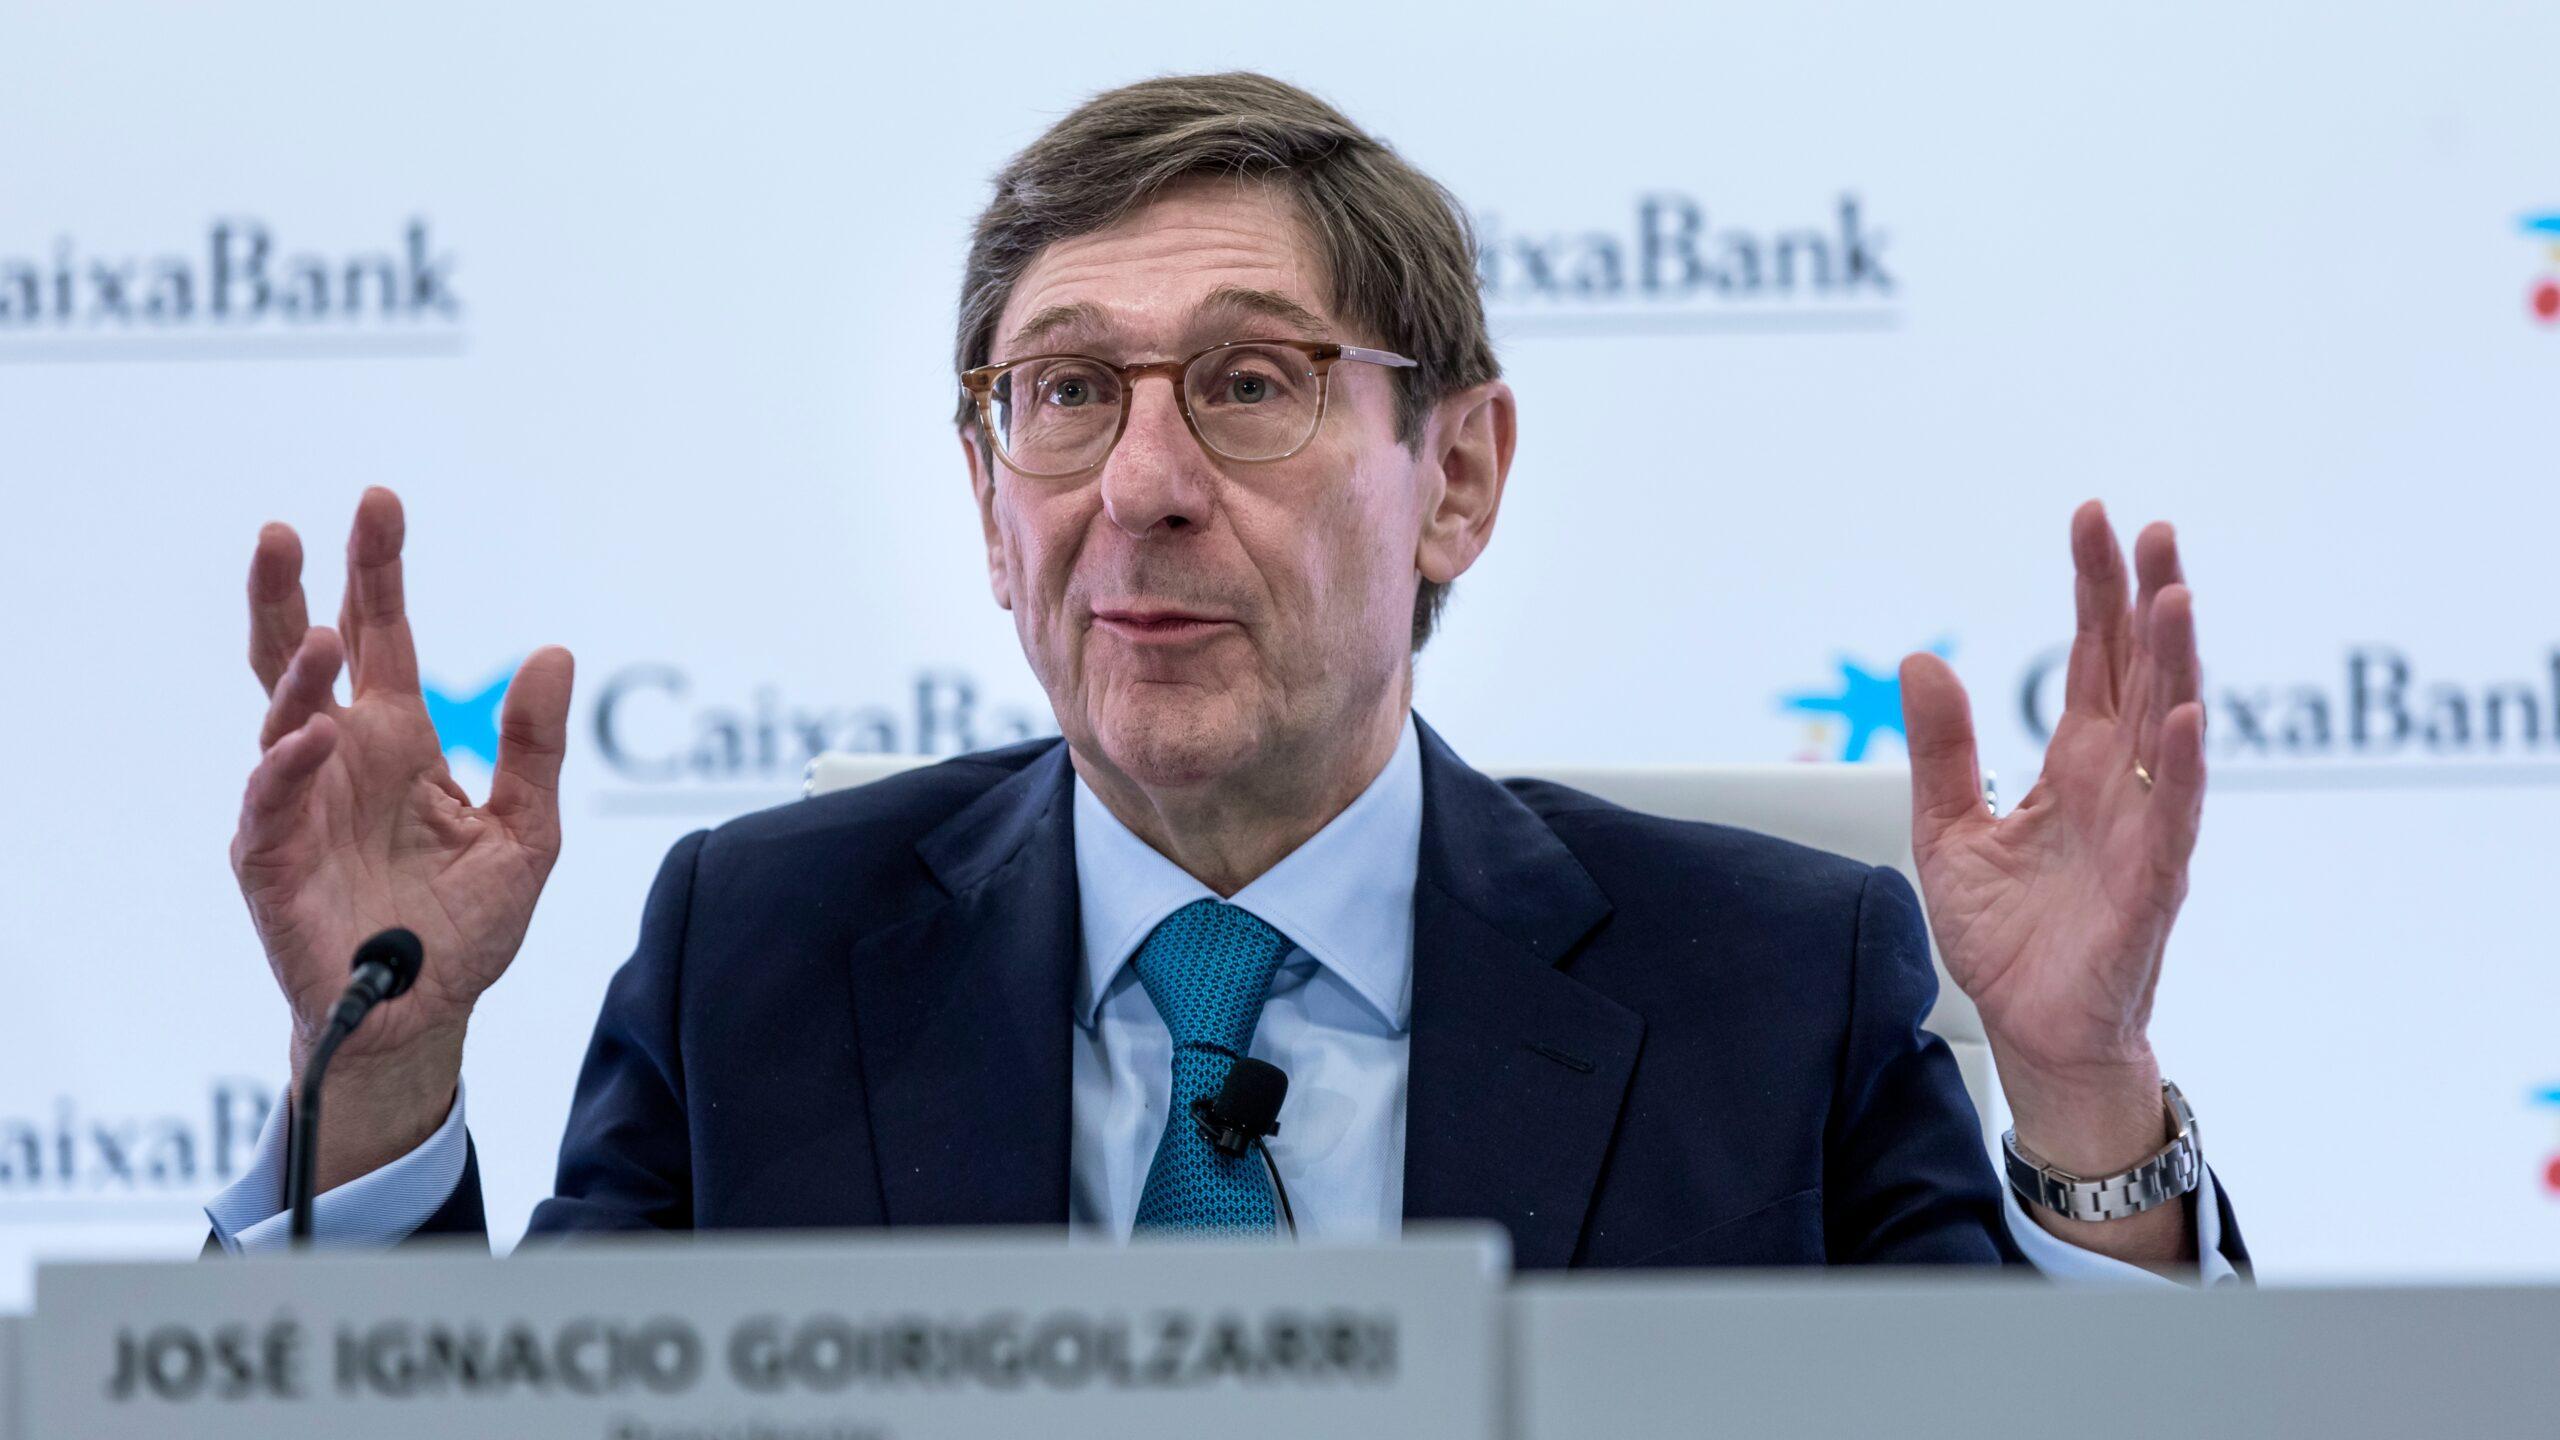 El presidente de Caixabank prevé una subida de tipos en breve 1